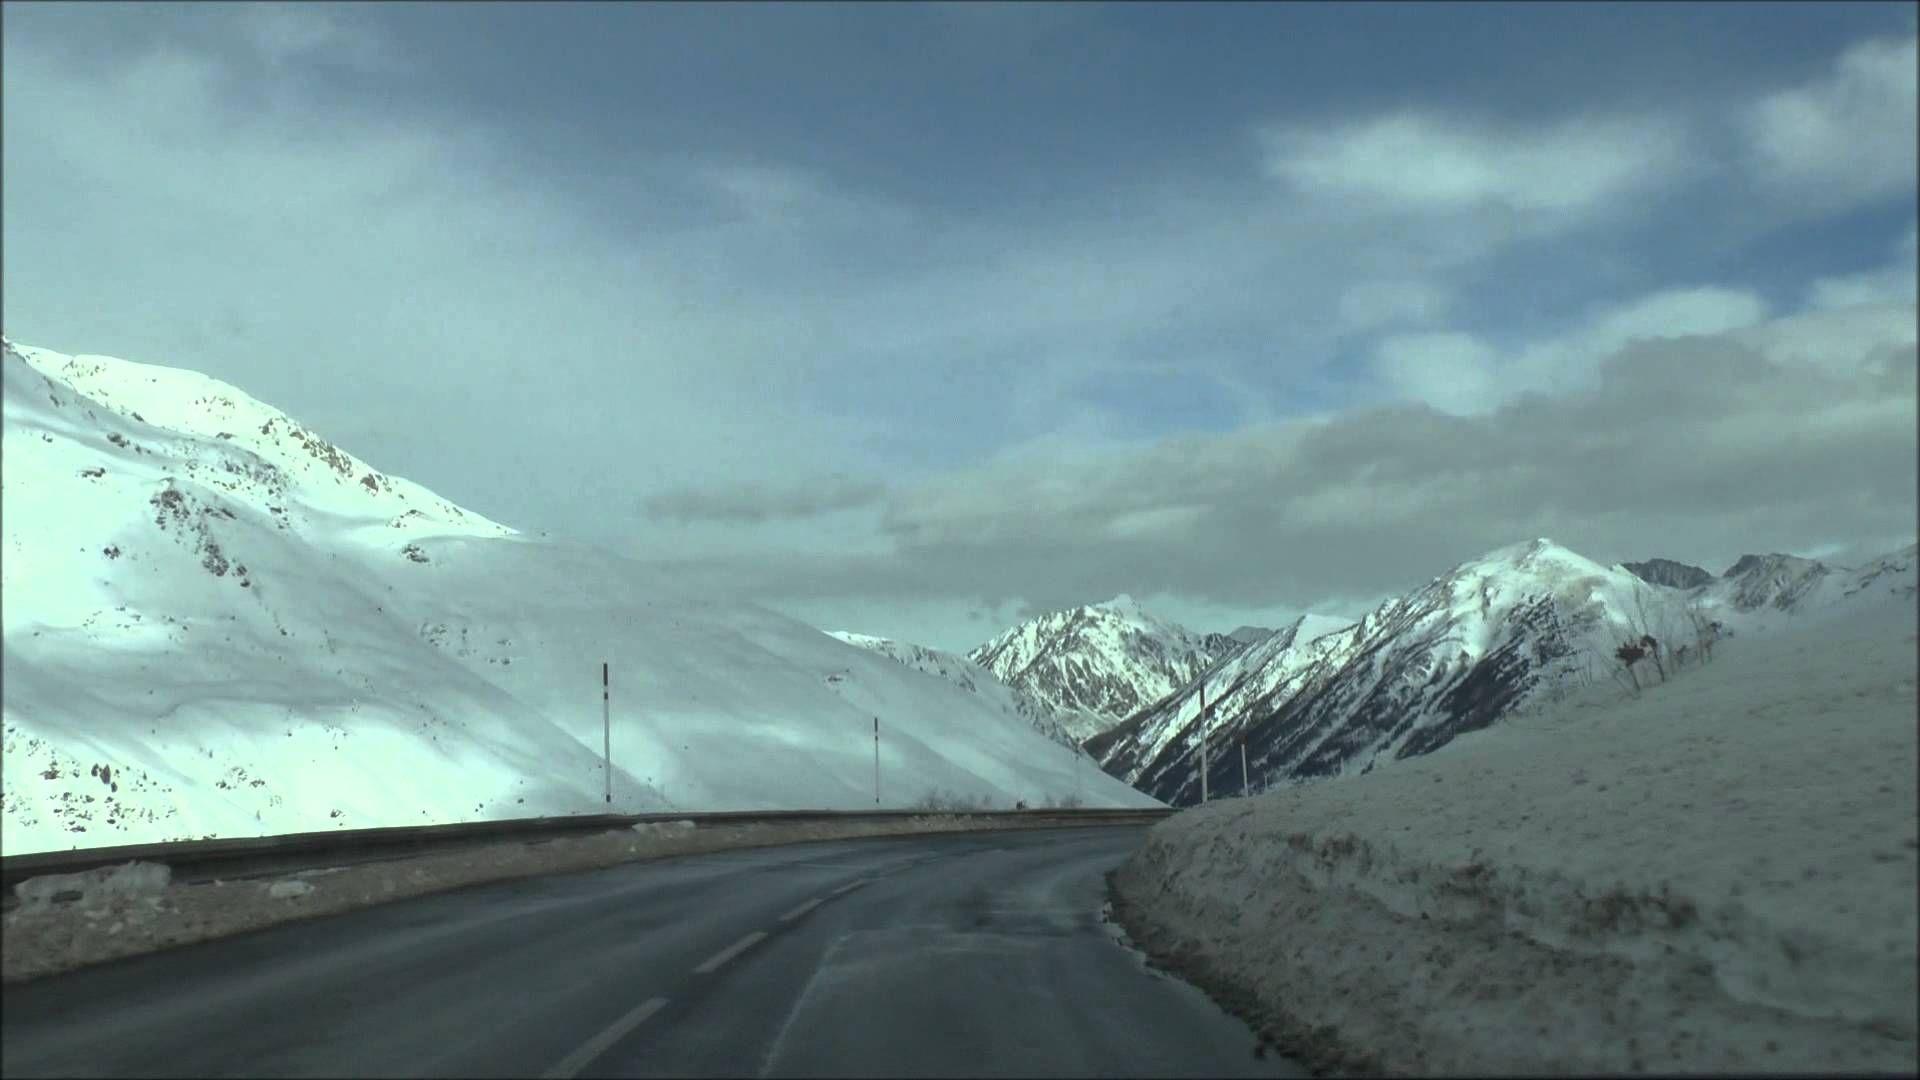 Em Andorra, chegando na Fronteira com a França